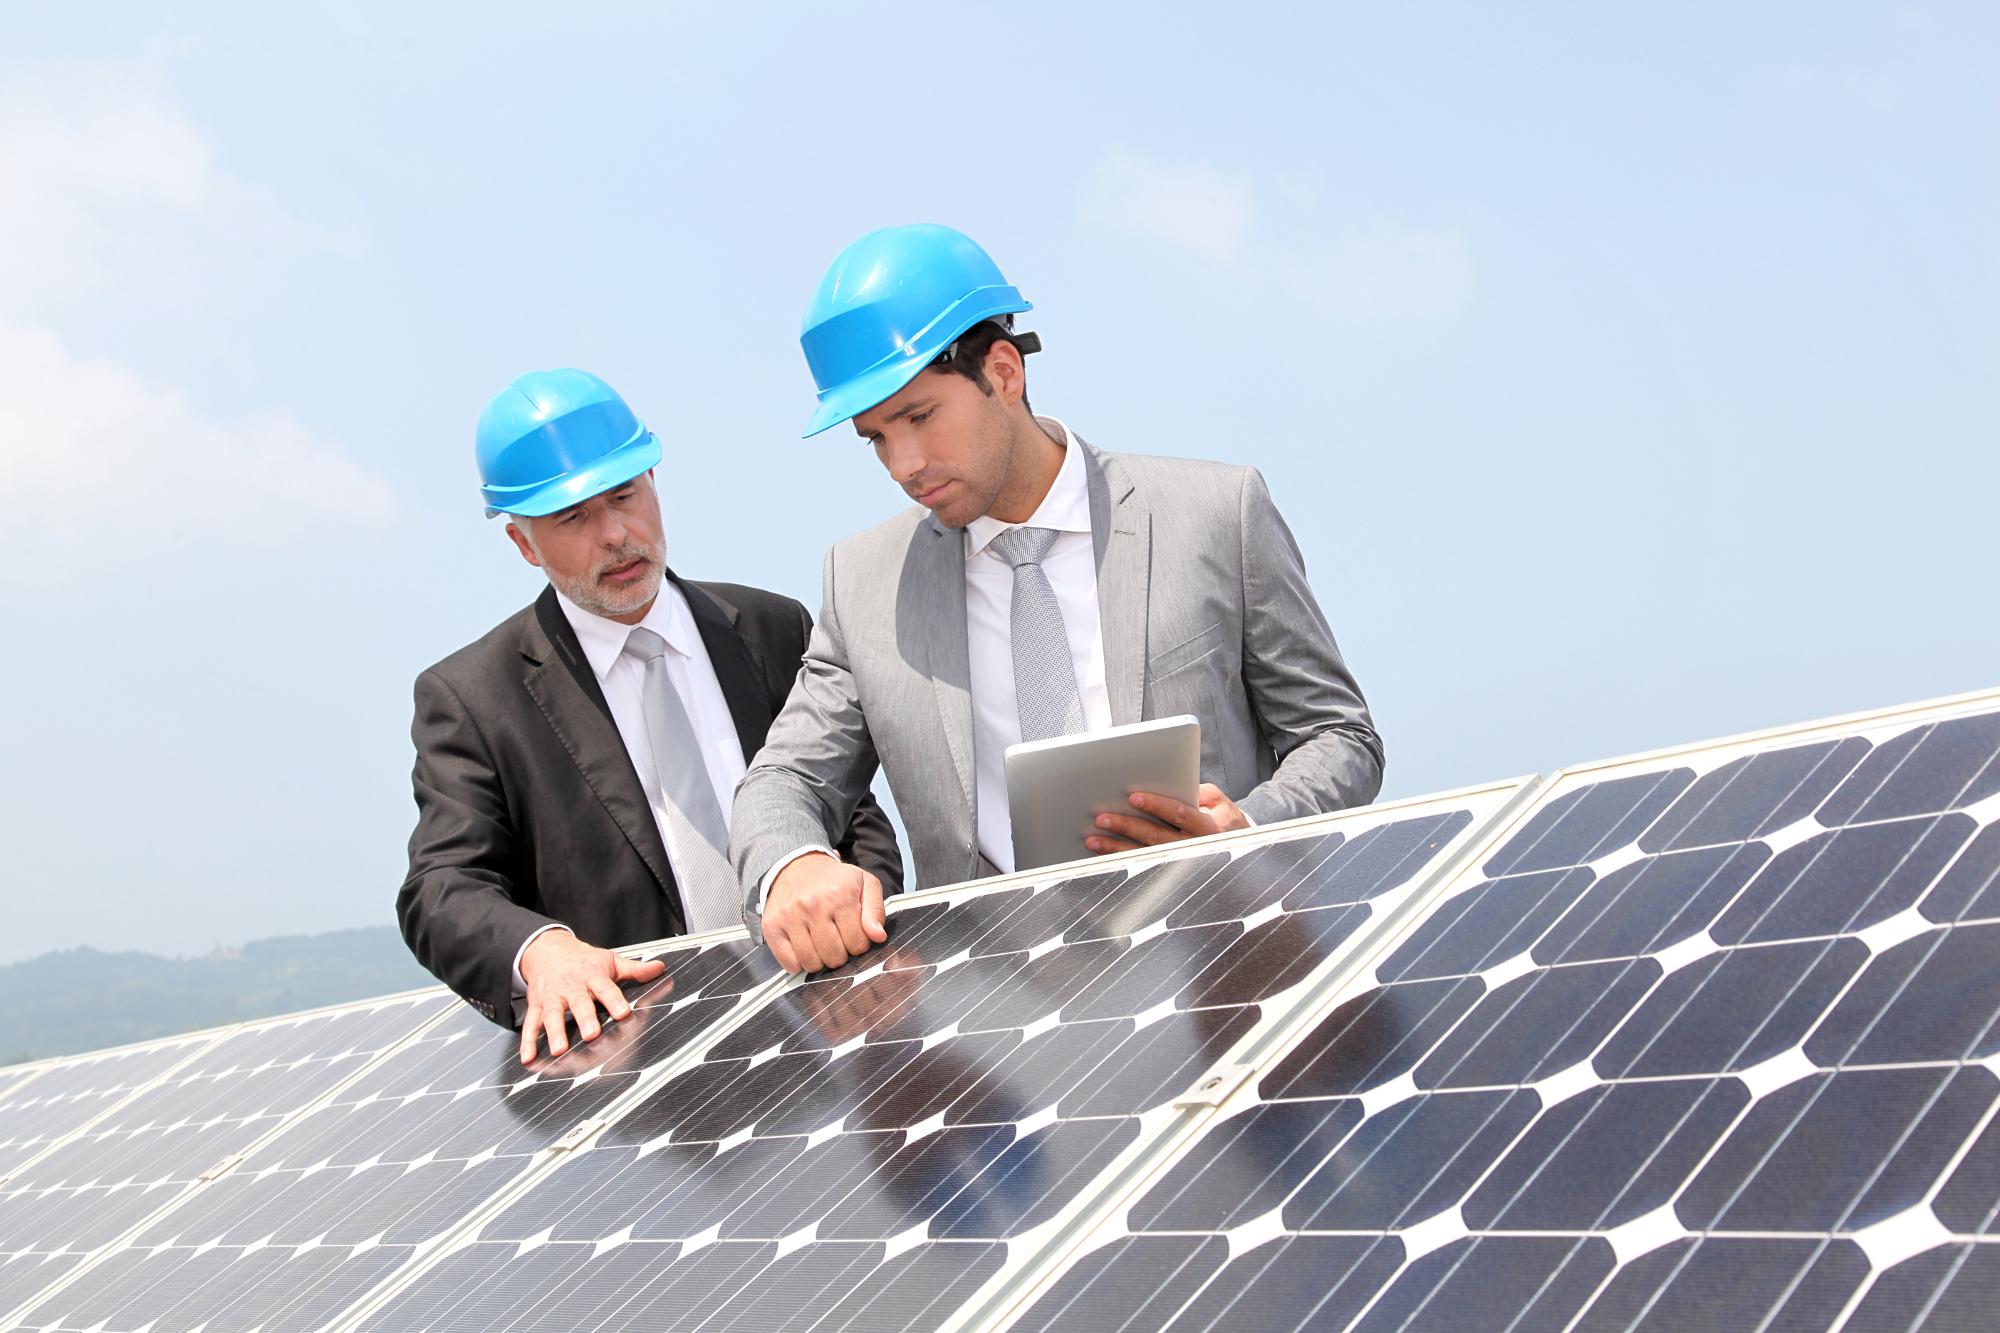 solaranlagen-am-gartenhaus-maenner-am-solarpanel